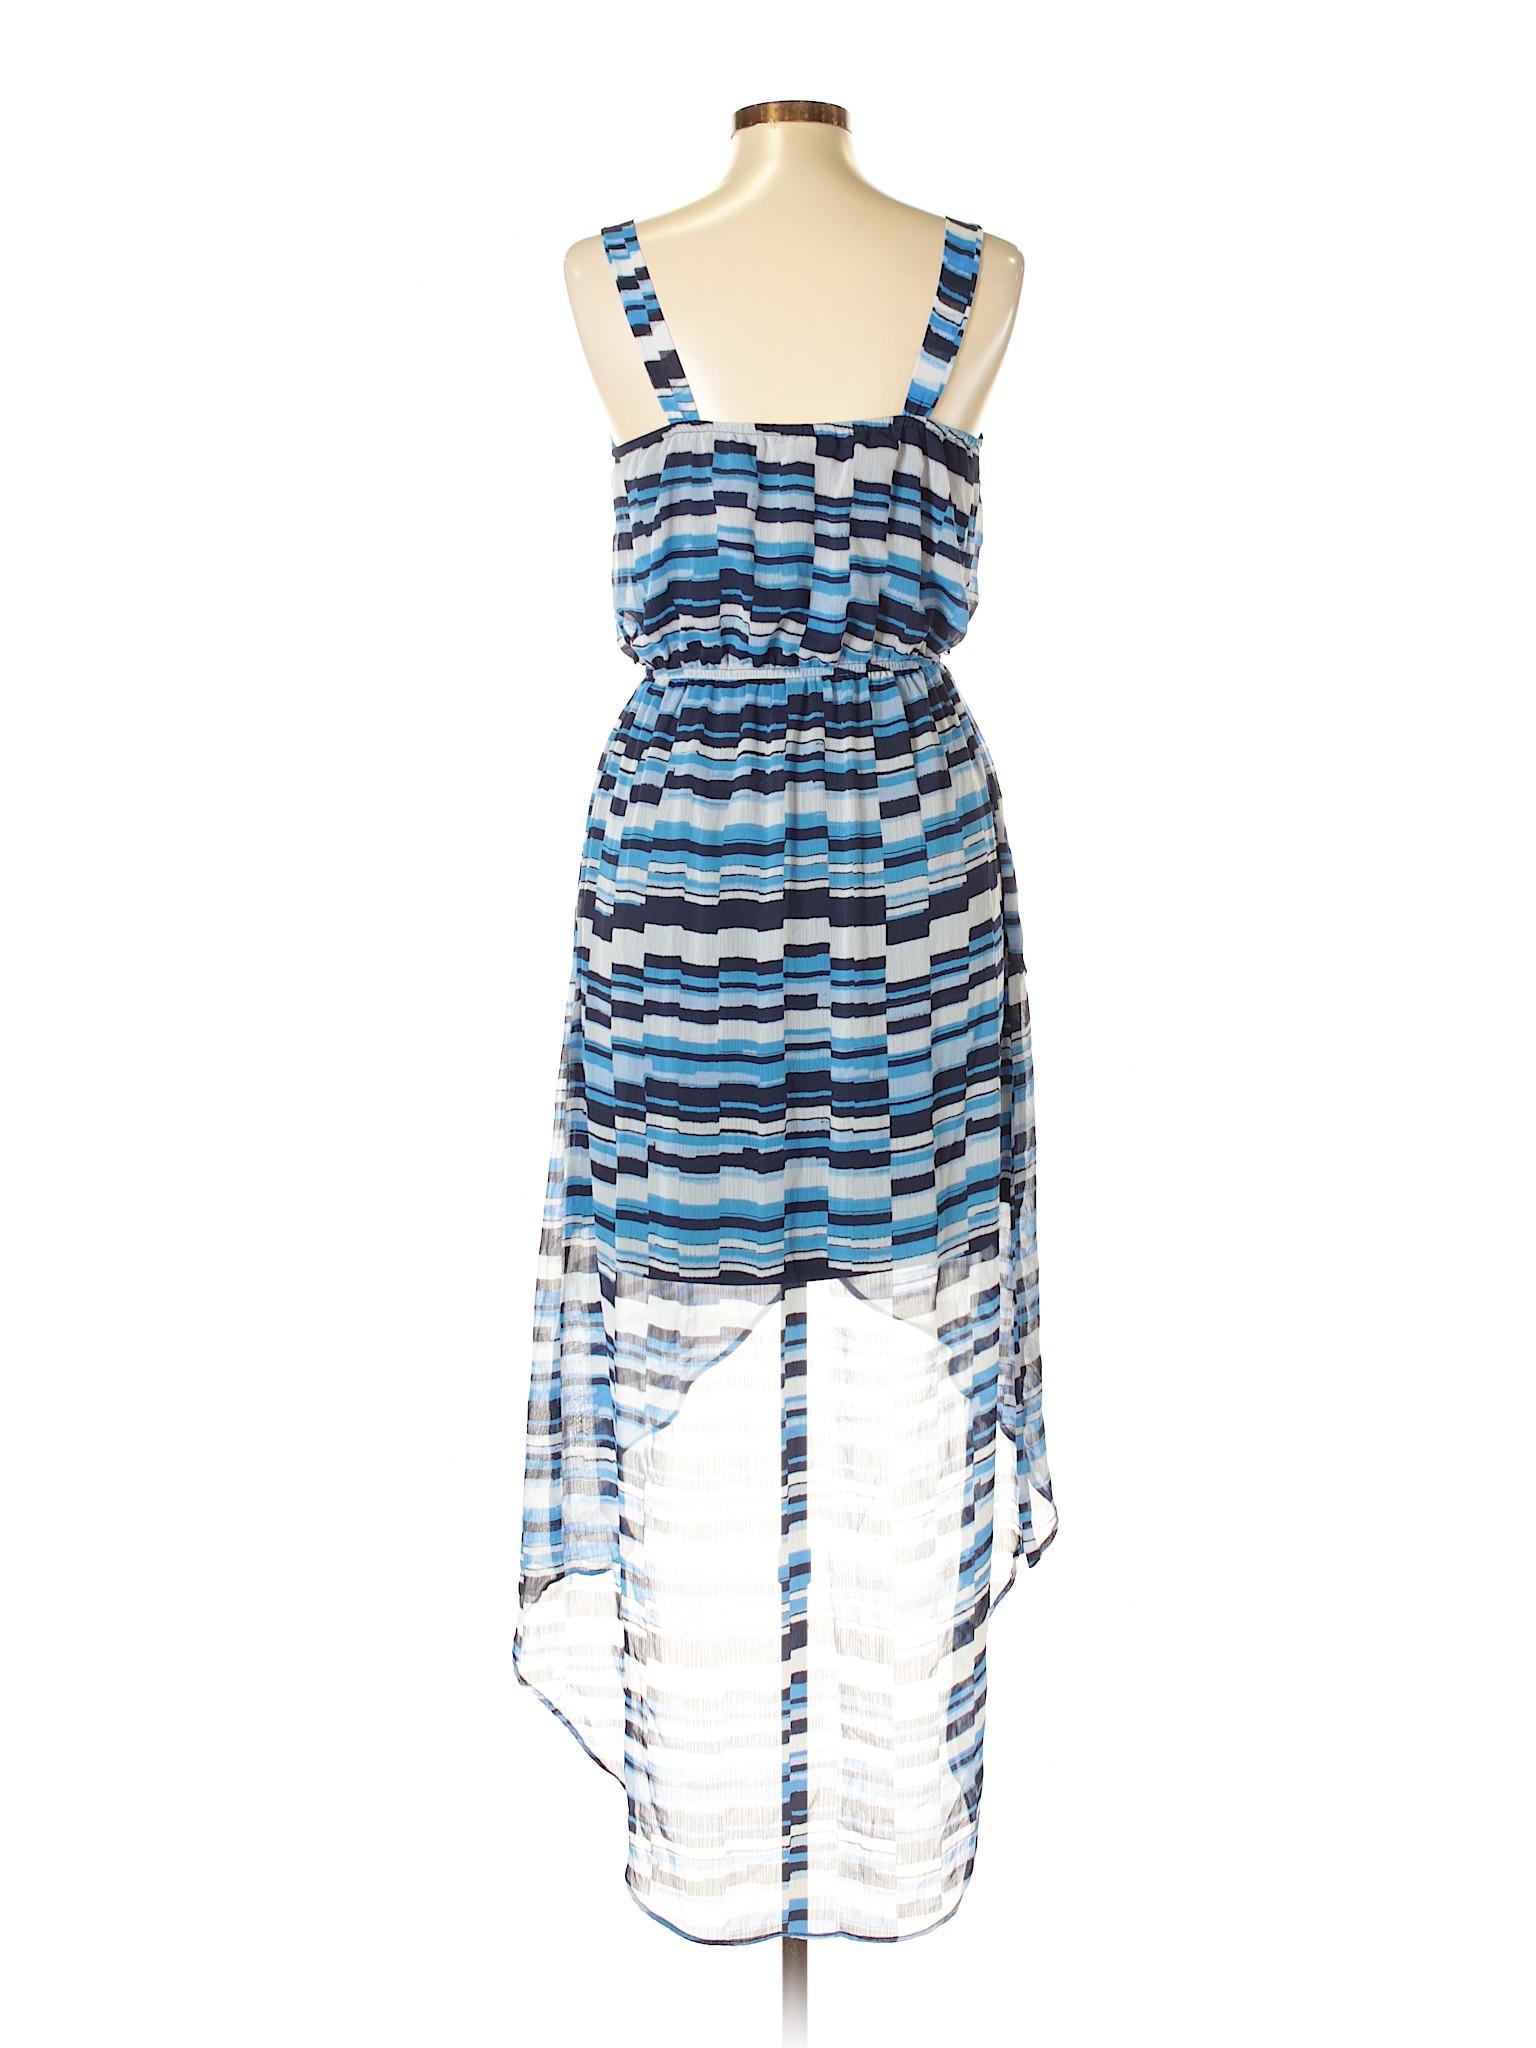 Cato Boutique Casual Dress winter Boutique winter Cato Casual pxtwq8XHPT